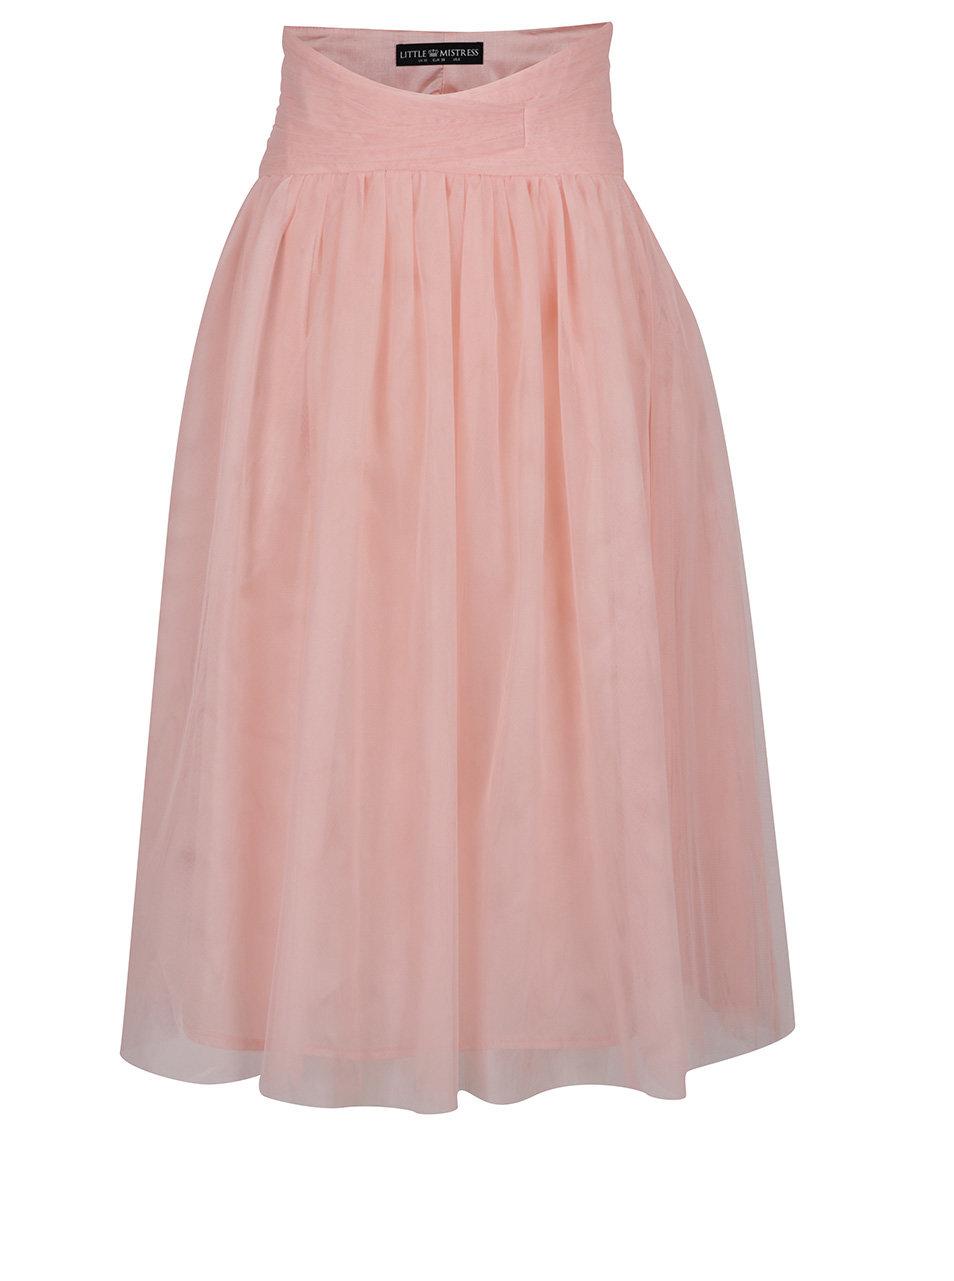 Ružová tylová sukňa Little Mistress ... 2362caa7cf